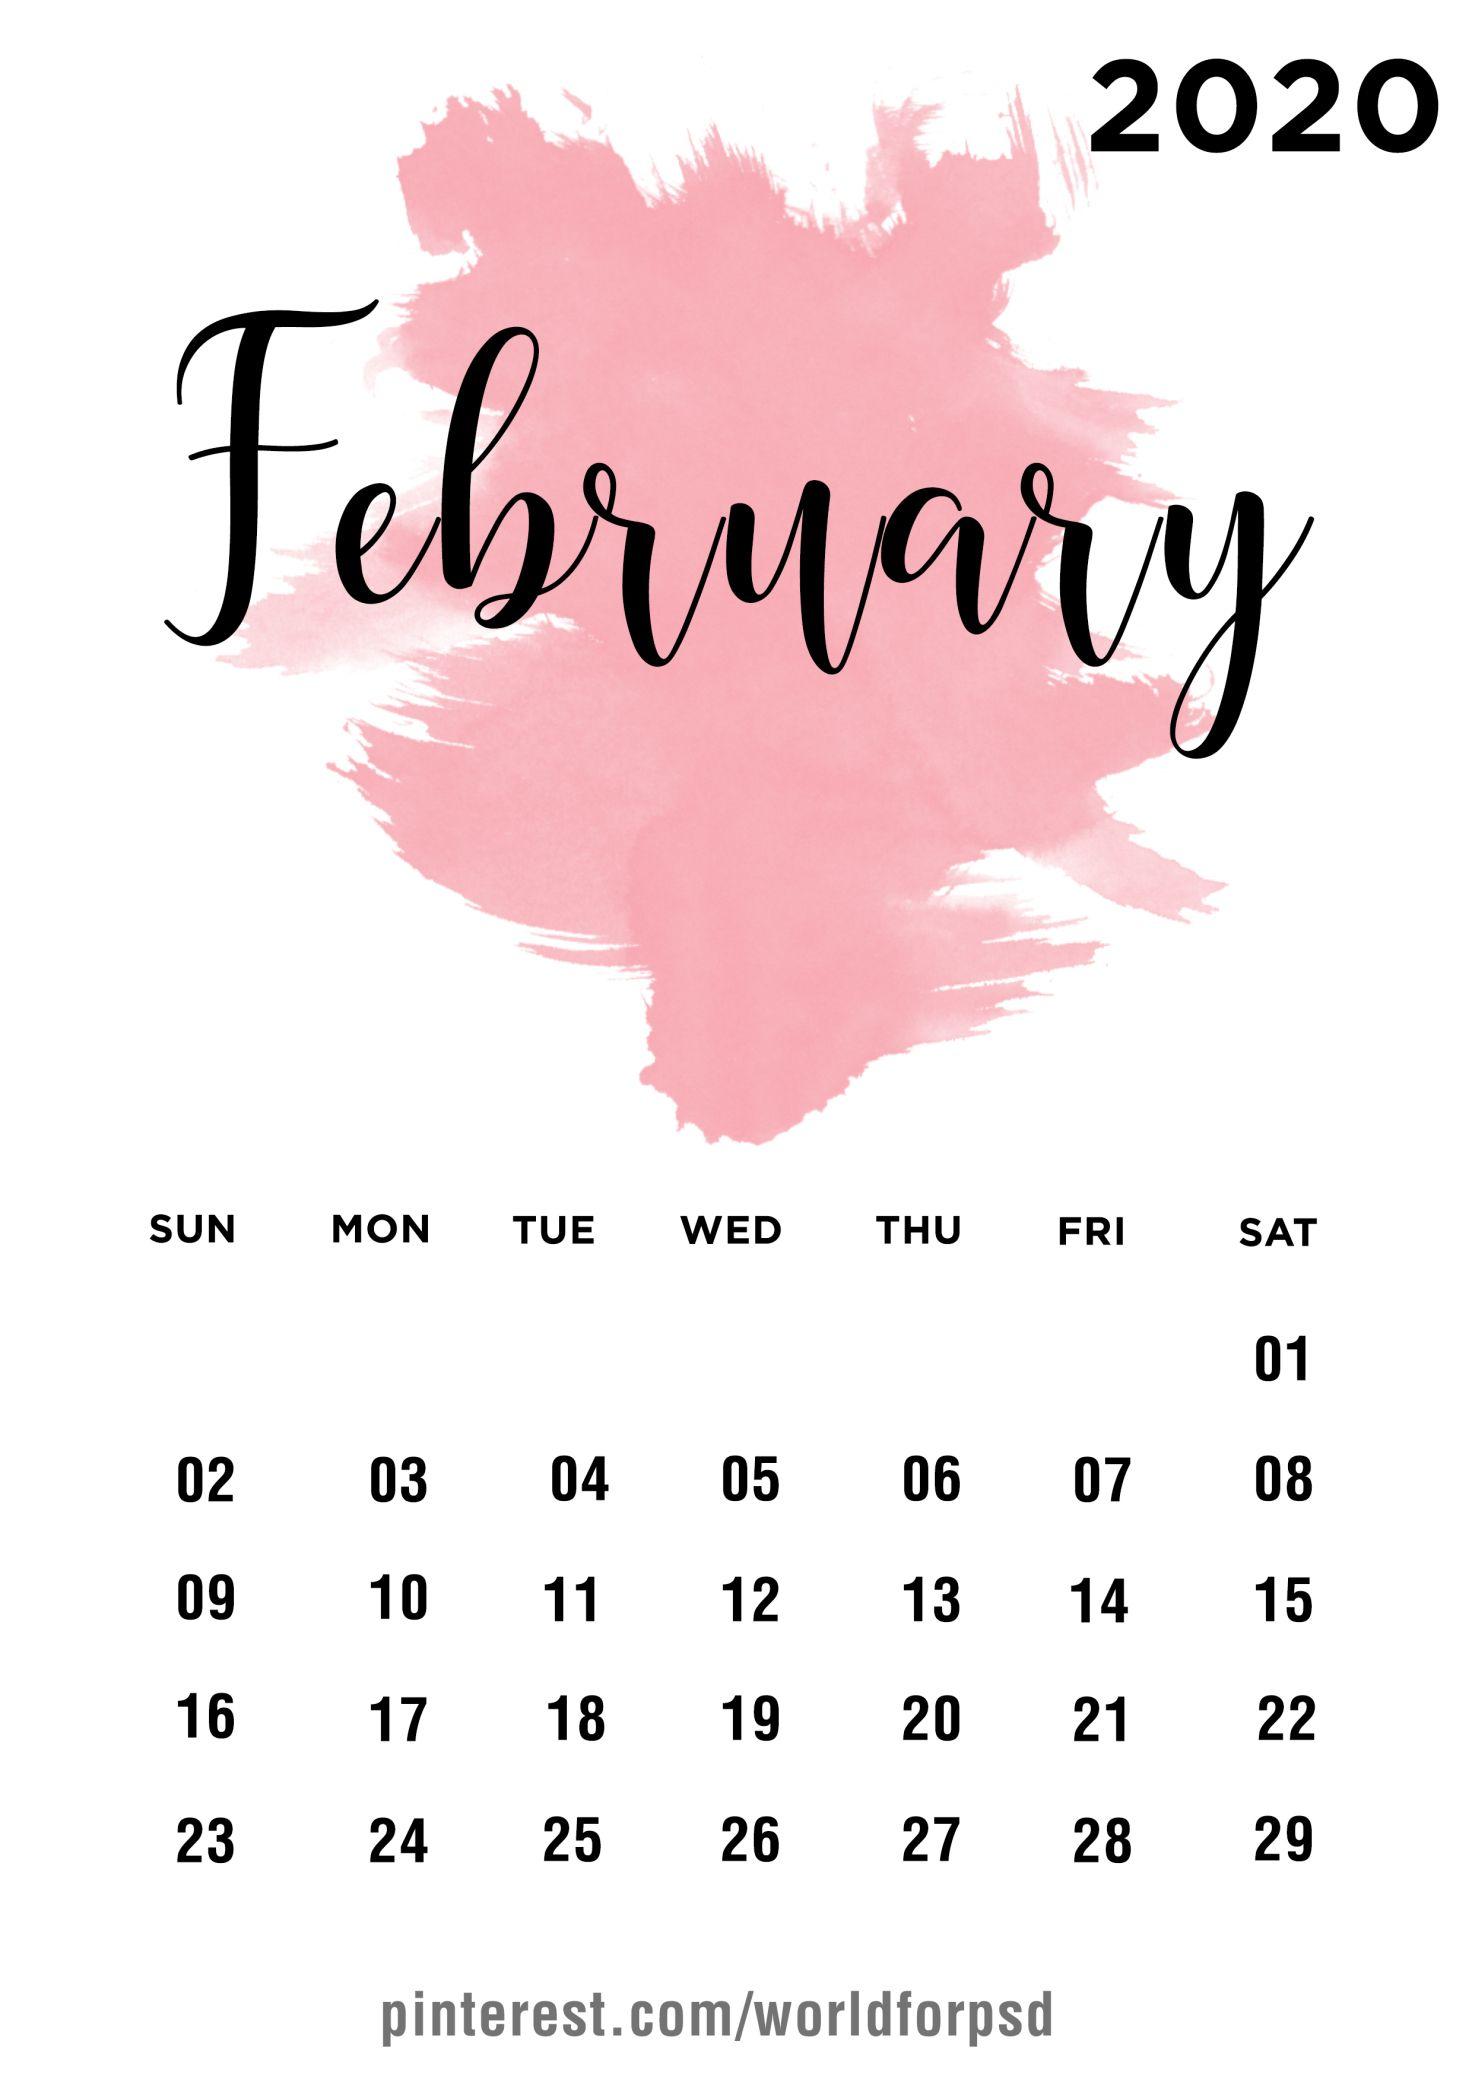 Calendar 2020 Design ideas Печатные календари, Страницы